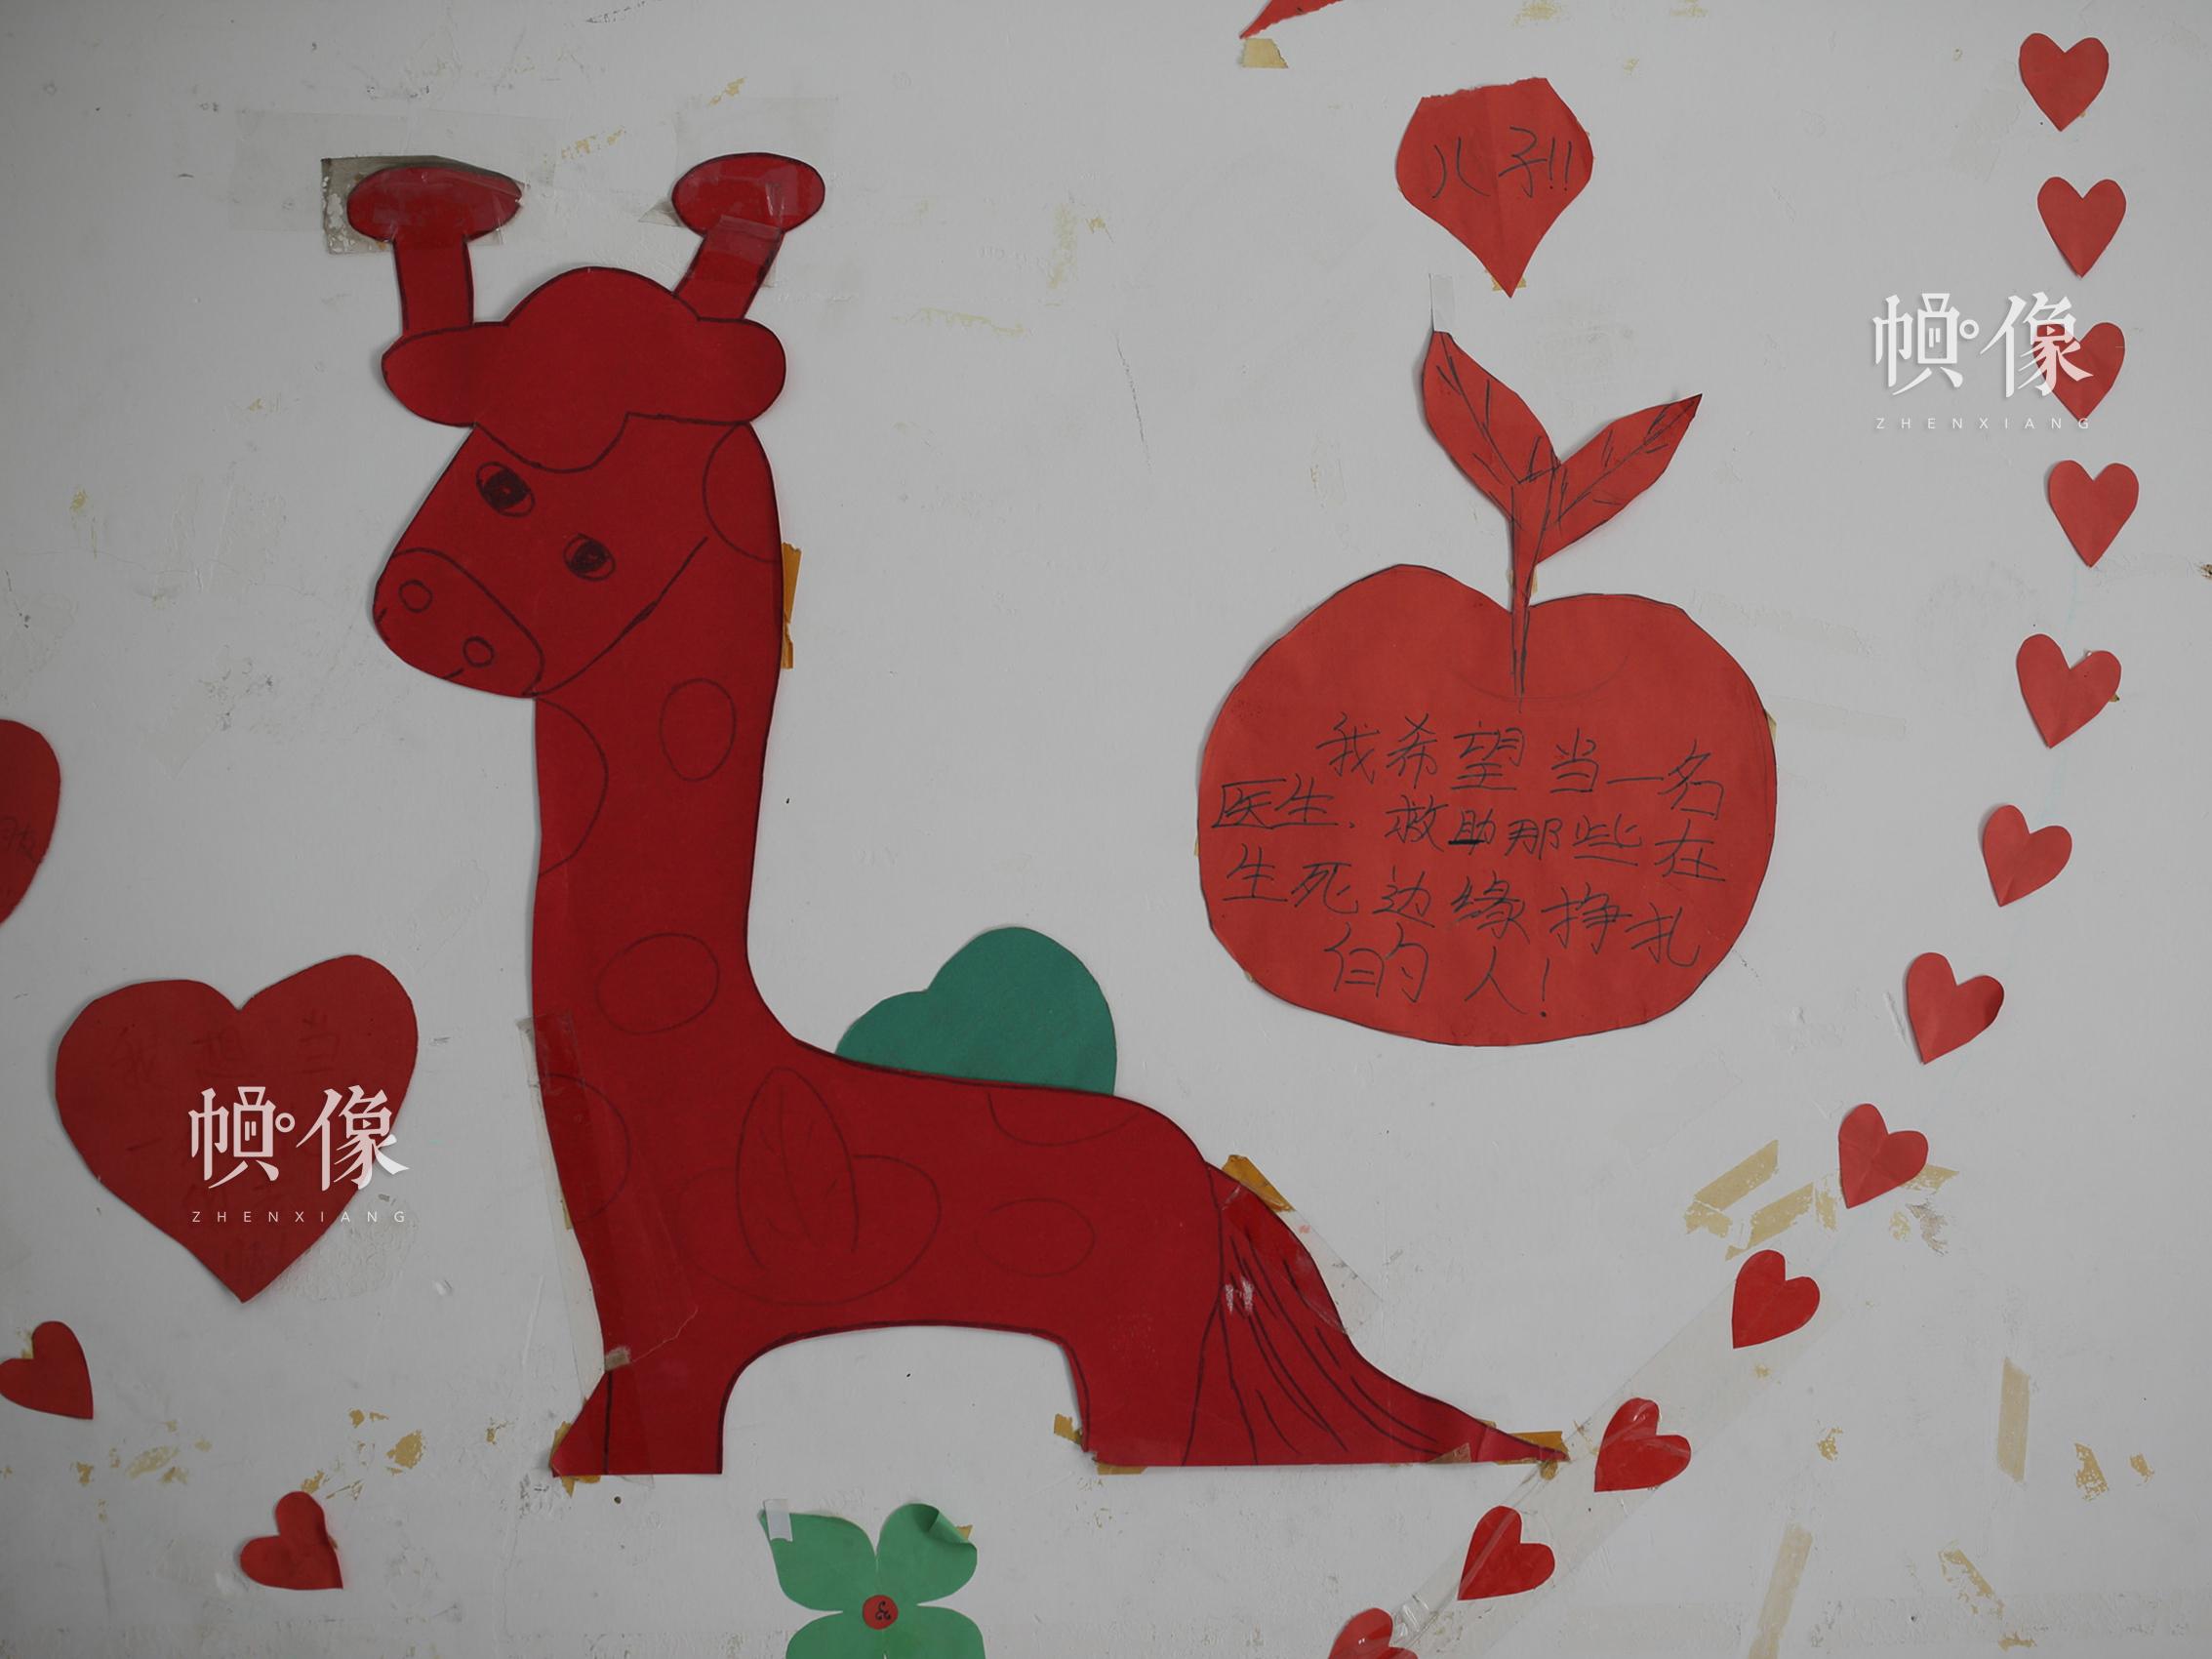 2018年4月,成都双流安康家园,孩子房间墙上贴着关于理想的小贴纸。中国网记者 陈维松 摄